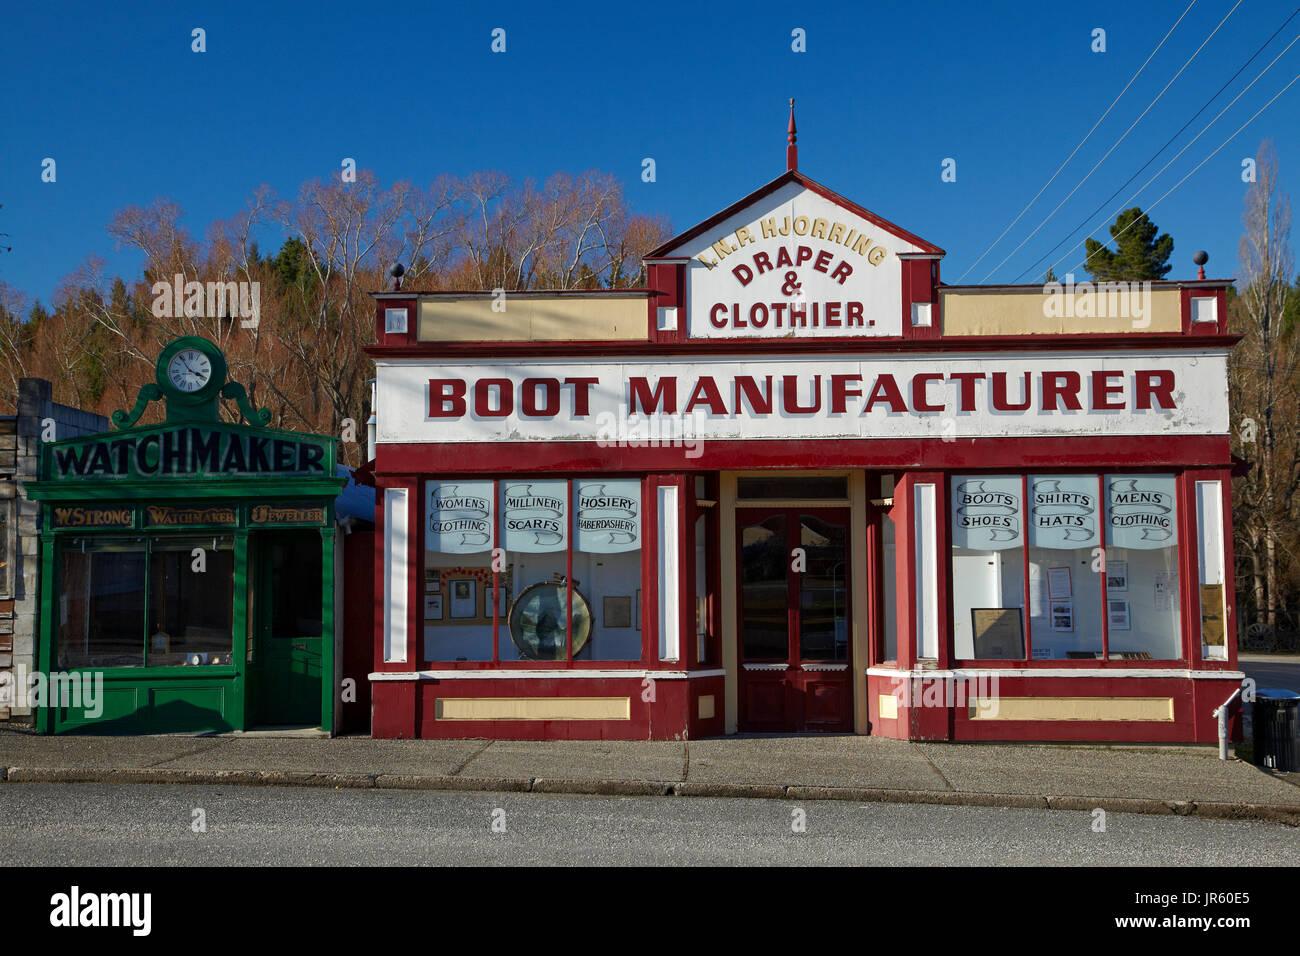 La fuerte relojero Shop (construida a finales de 1860) y la histórica I.N.P. Hjorring, Draper & Clothier, fabricante de Inicio Tienda (hoy Museo), Naseby Naseby, mañío Imagen De Stock